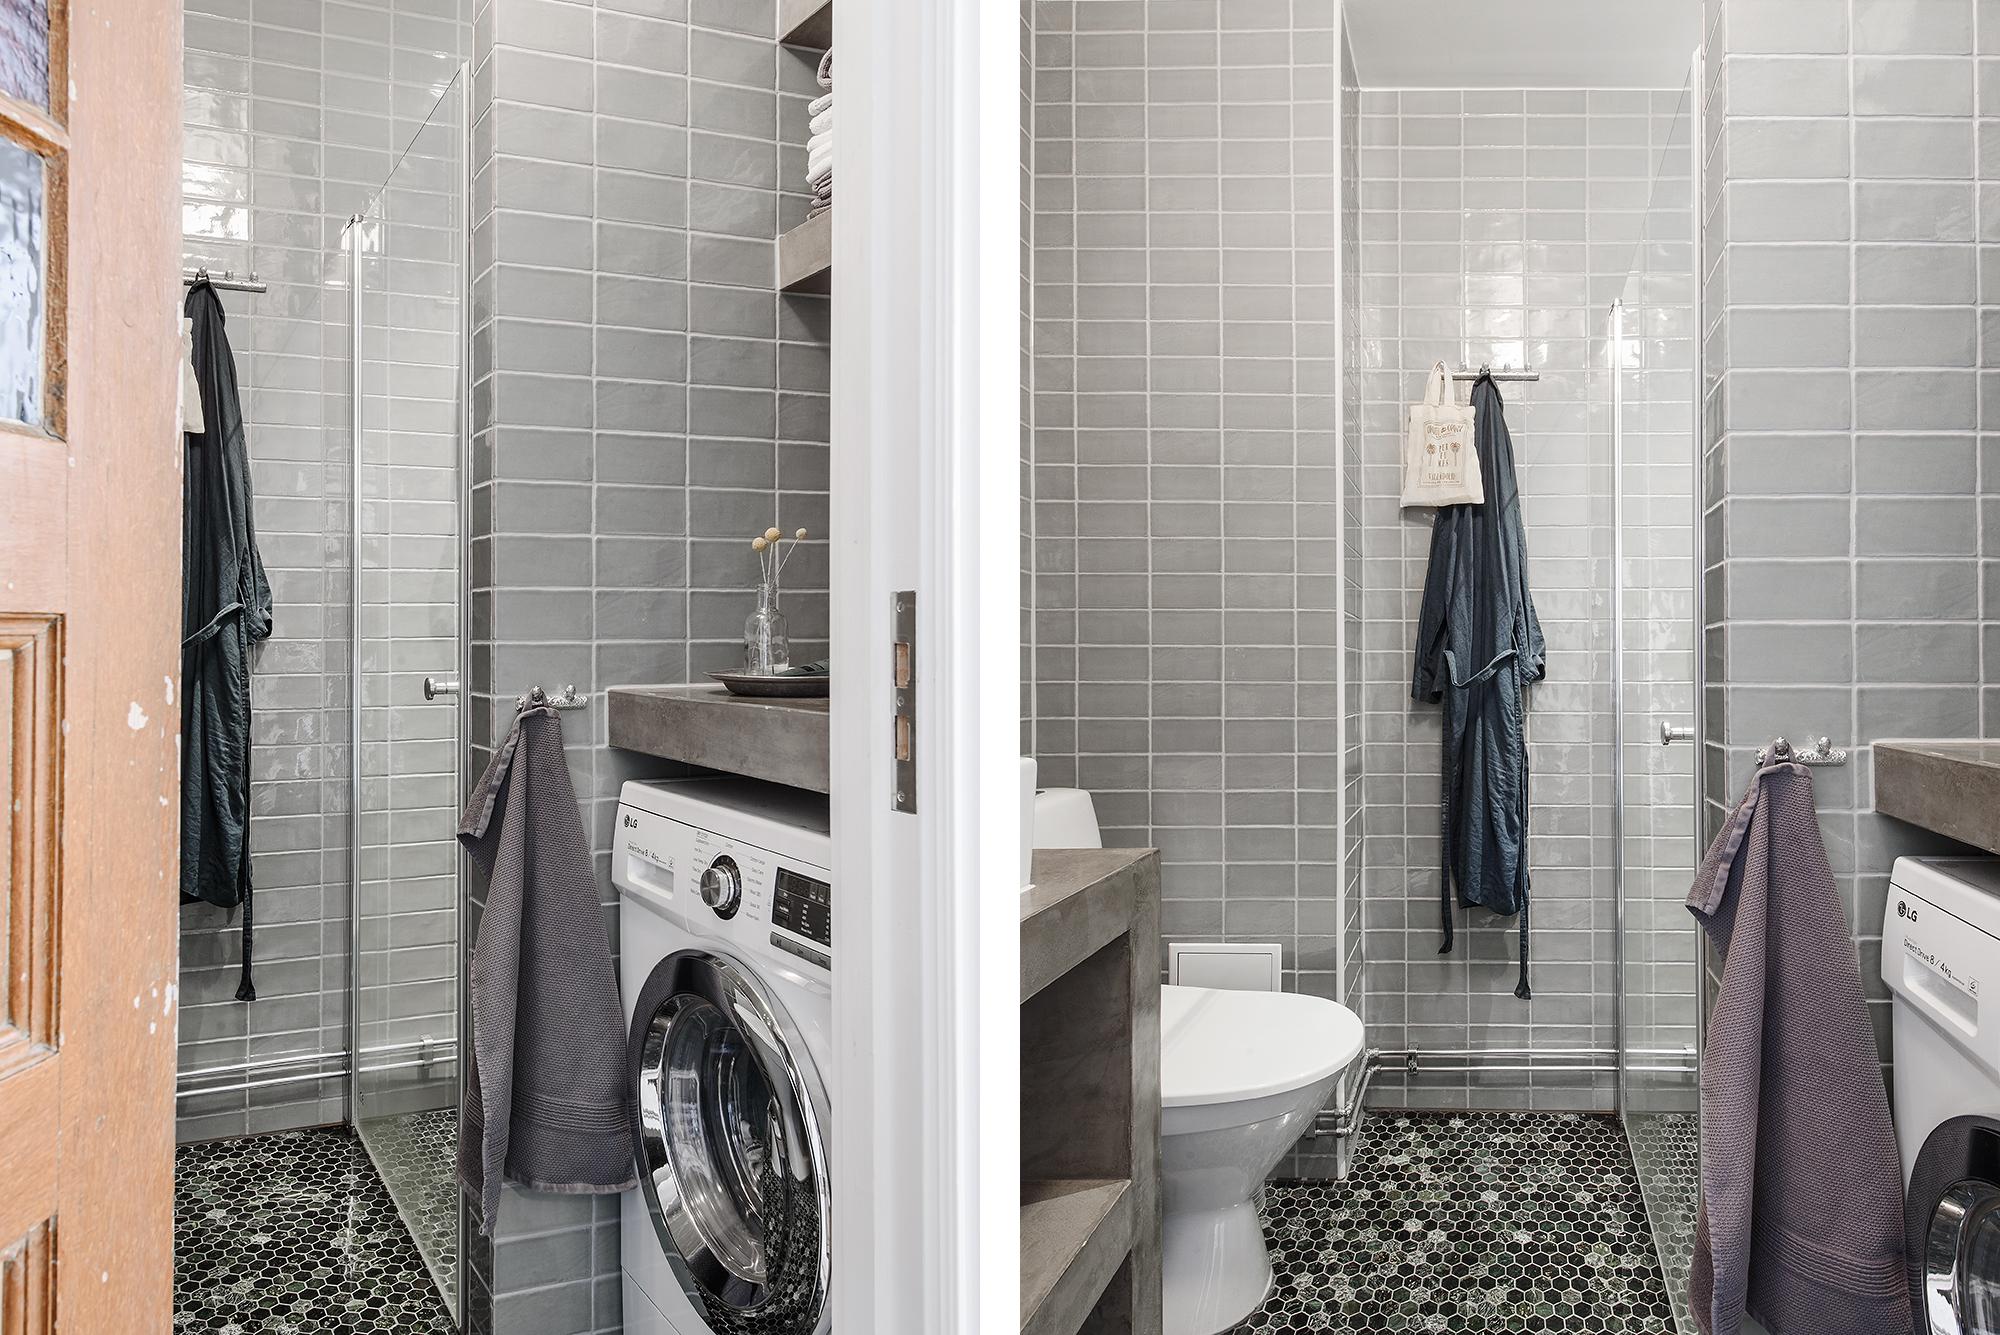 Kleine badkamers voorbeelden archives badkamers voorbeelden - Badkamer klein gebied m ...